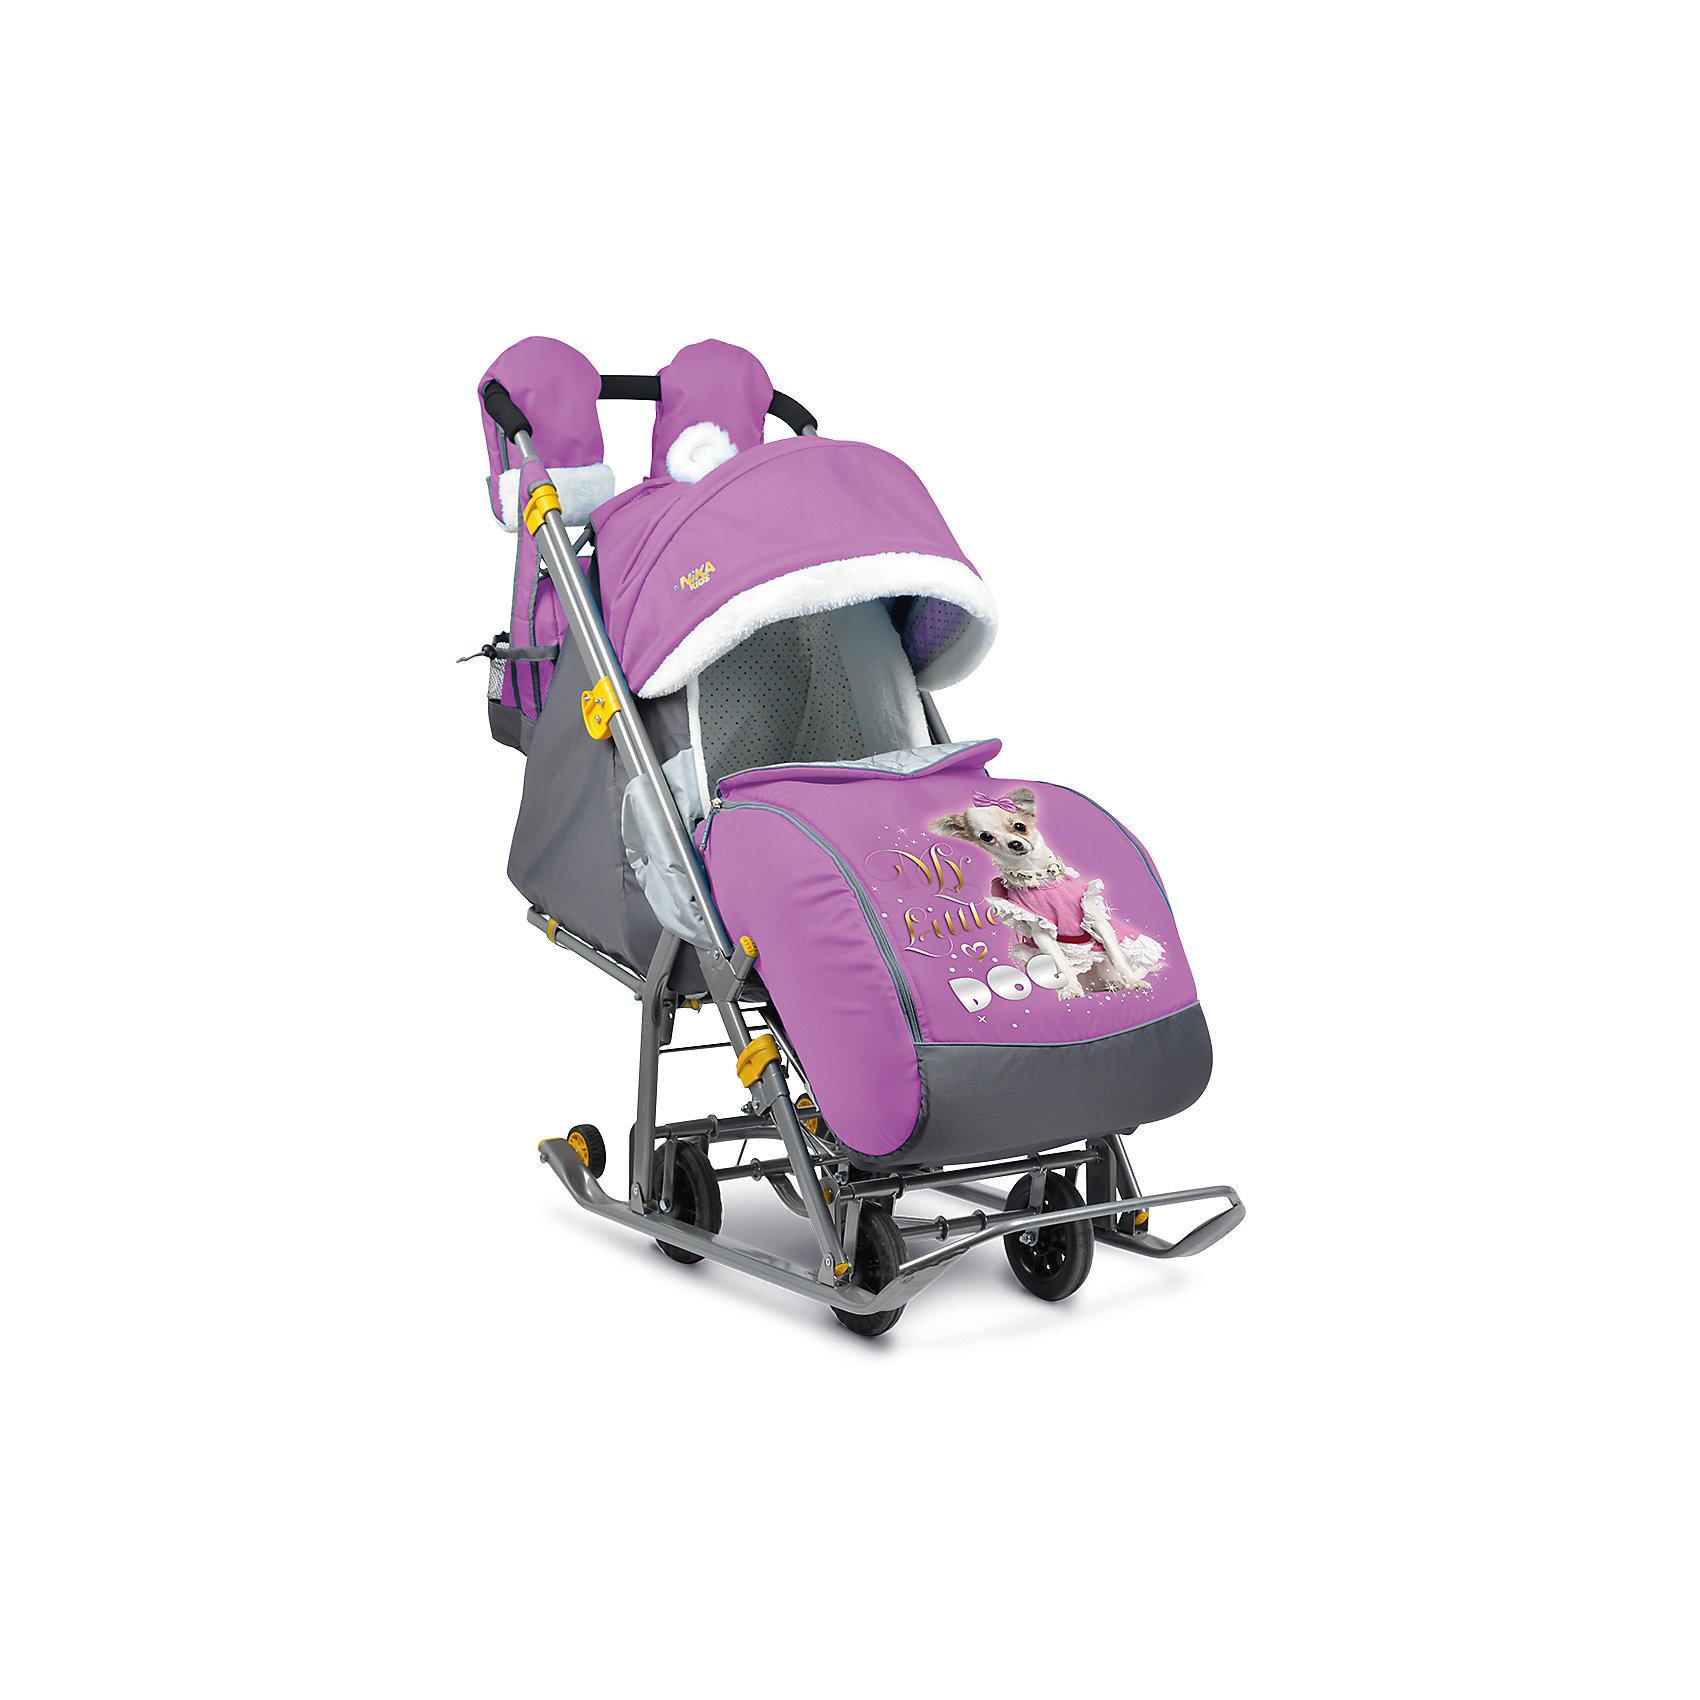 Санки-коляска Ника детям 7-2 Dog, орхидеяСанки-коляска Ника детям 7-2 – легкое передвижение в снежную погоду. <br>Удобные санки оснащены пятиточечными ремнями безопасности, которые предотвращают выпадение малыша из колясок даже при очень быстрой ходьбе. Благодаря широким полозьям и транспортировочным колесам санки-коляску очень легко перемещать и возить как по бездорожью, так и по дорогам с небольшим количеством снега. Чехол для ножек и капюшон с окошком позволяют малышу укрыться от снега, ветра, метели и не заскучать. Спинка регулируется в трех положениях, а специальная подножка позволяет ребенку удобно разместиться лежа. Ручка для родителей имеет два положения: сзади санок и спереди, и оснащена теплыми варежками для долгих прогулок. В комплект к санкам идет вместительная сумка.<br><br>Дополнительная информация:<br><br>- материал: металл, полиэсте <br>- матрасик в комплекте<br>- размер в разложенном виде (с выдвинутой колесной базой):105х44,5х109,5 см<br>- высота ручки от земли: 93 см<br>- размер сиденья: 32 х 29 см<br>- размер спинки: 33х43 см<br>- размер в сложенном виде: 110,5х44,5х28 см<br>- вес: 10 кг<br>- максимальный вес ребенка: 25 кг<br><br>Санки-коляска Ника детям 7-2, Dog, орхидея можно купить в нашем магазине.<br><br>Ширина мм: 1105<br>Глубина мм: 445<br>Высота мм: 280<br>Вес г: 11000<br>Возраст от месяцев: 12<br>Возраст до месяцев: 48<br>Пол: Унисекс<br>Возраст: Детский<br>SKU: 5091954